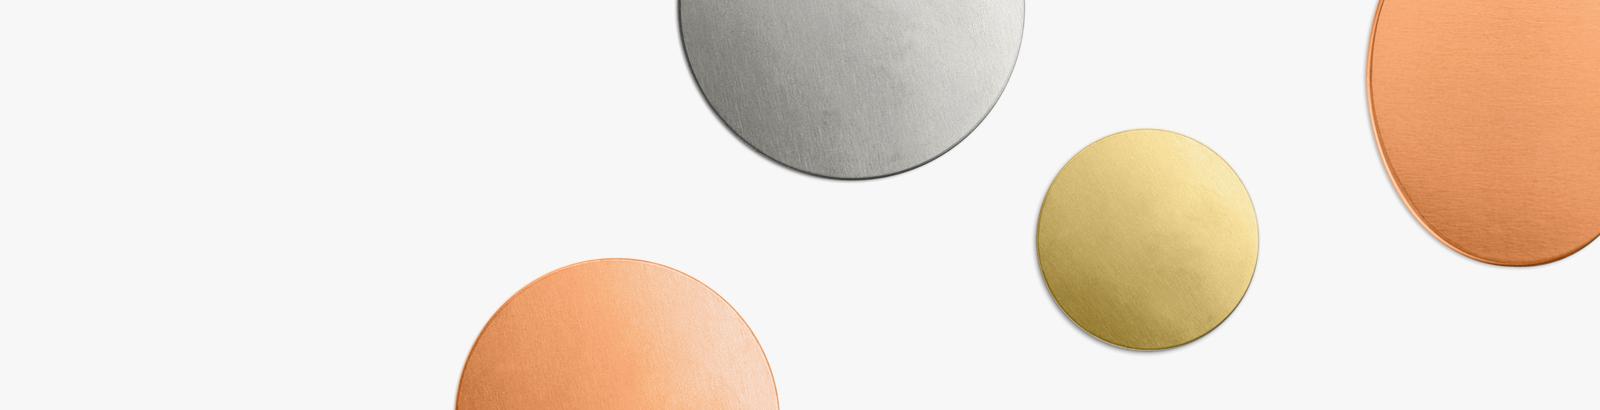 Circles & Ovals